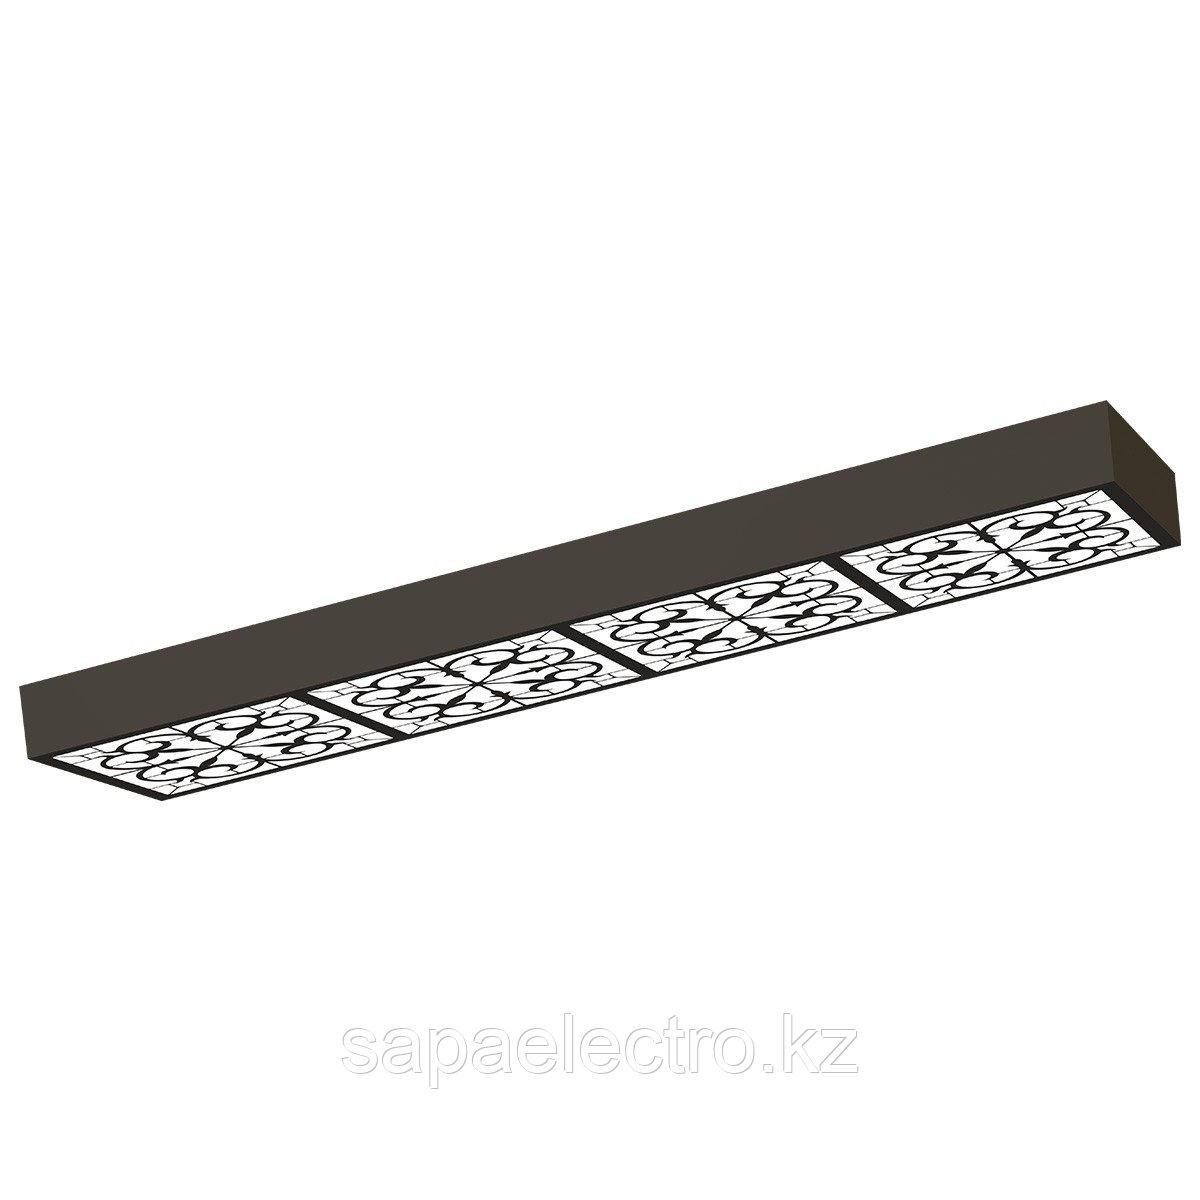 Св-к  OPALLED ORNAMENT 48W BLACK S/U  1200x300 3000